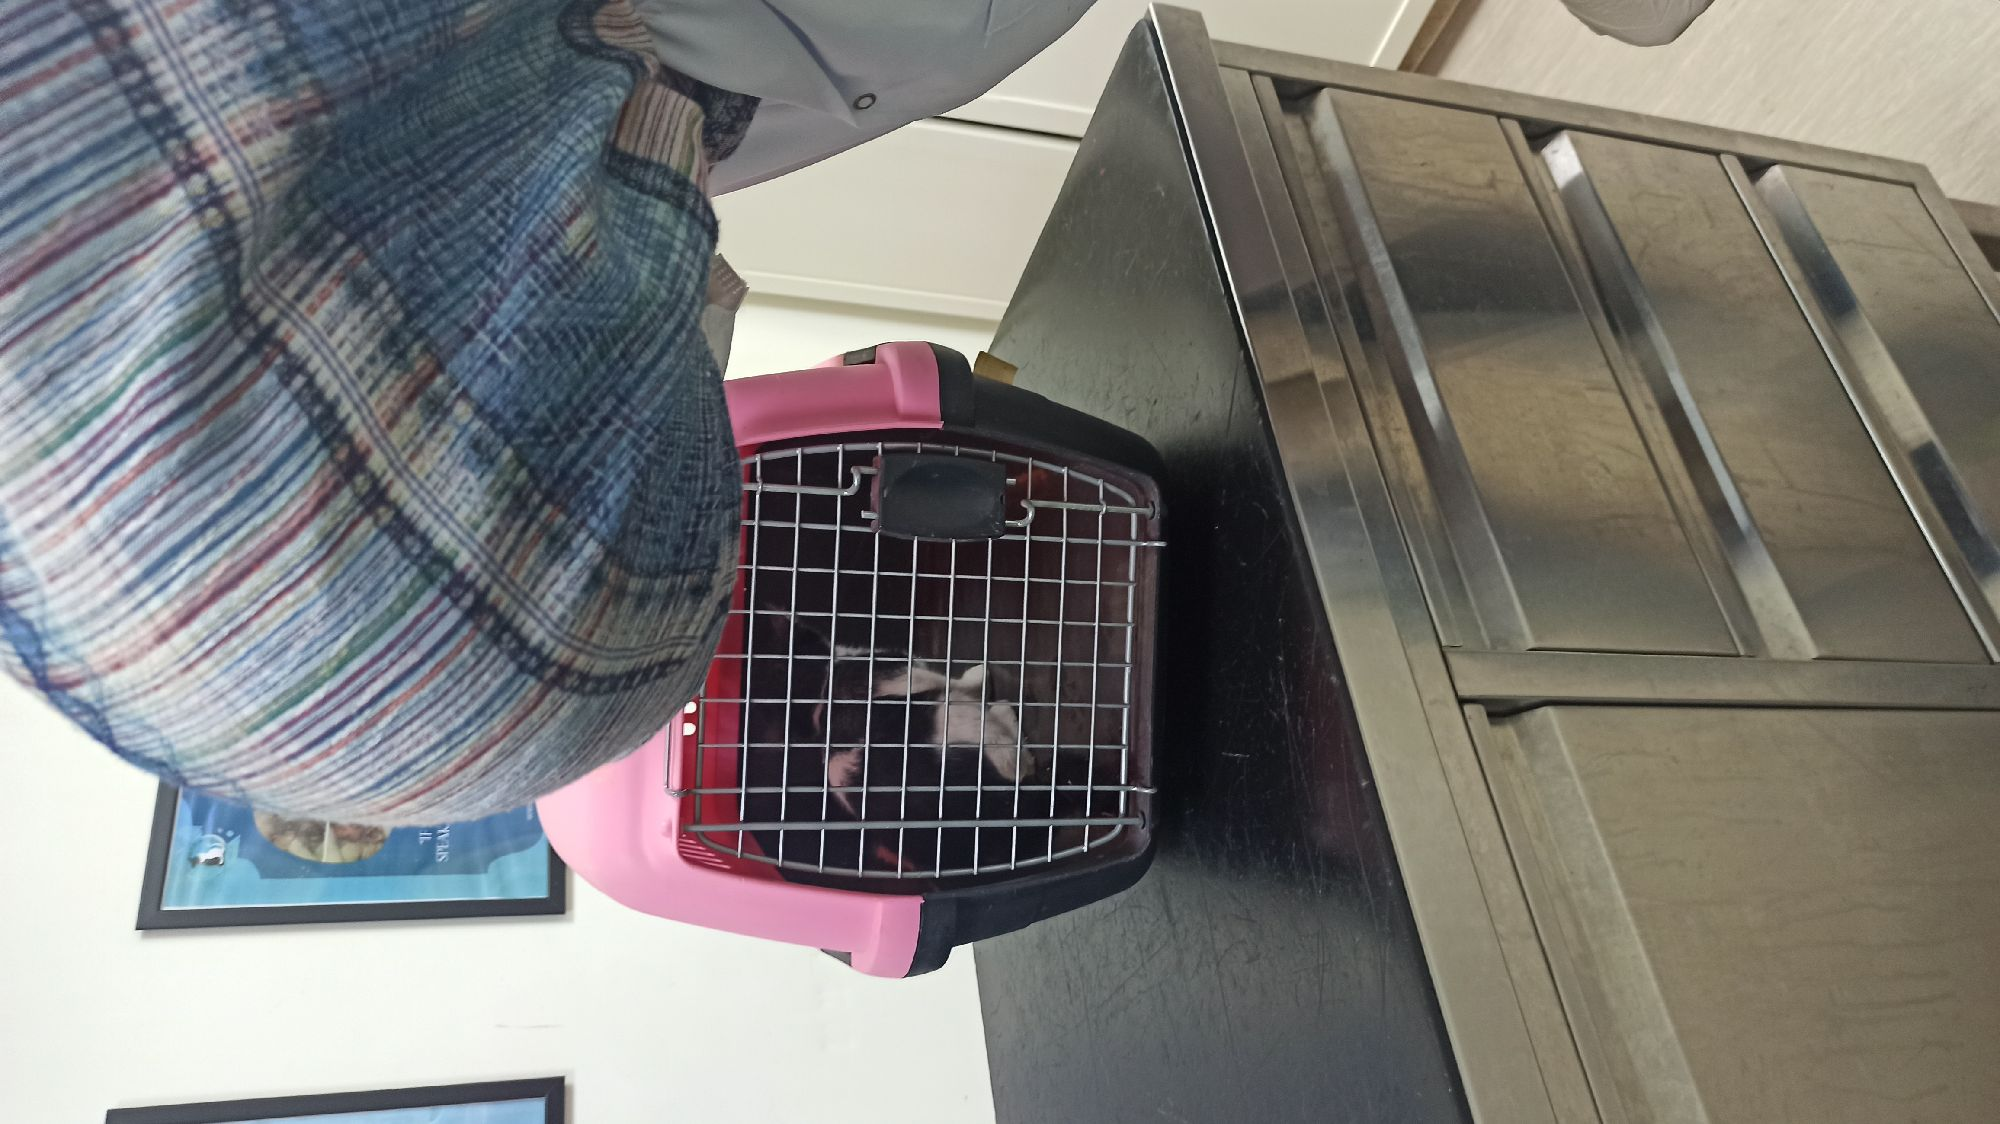 Прощание с котяком, которого я назвала Сахара, по имени Молла, в котором его нашла.